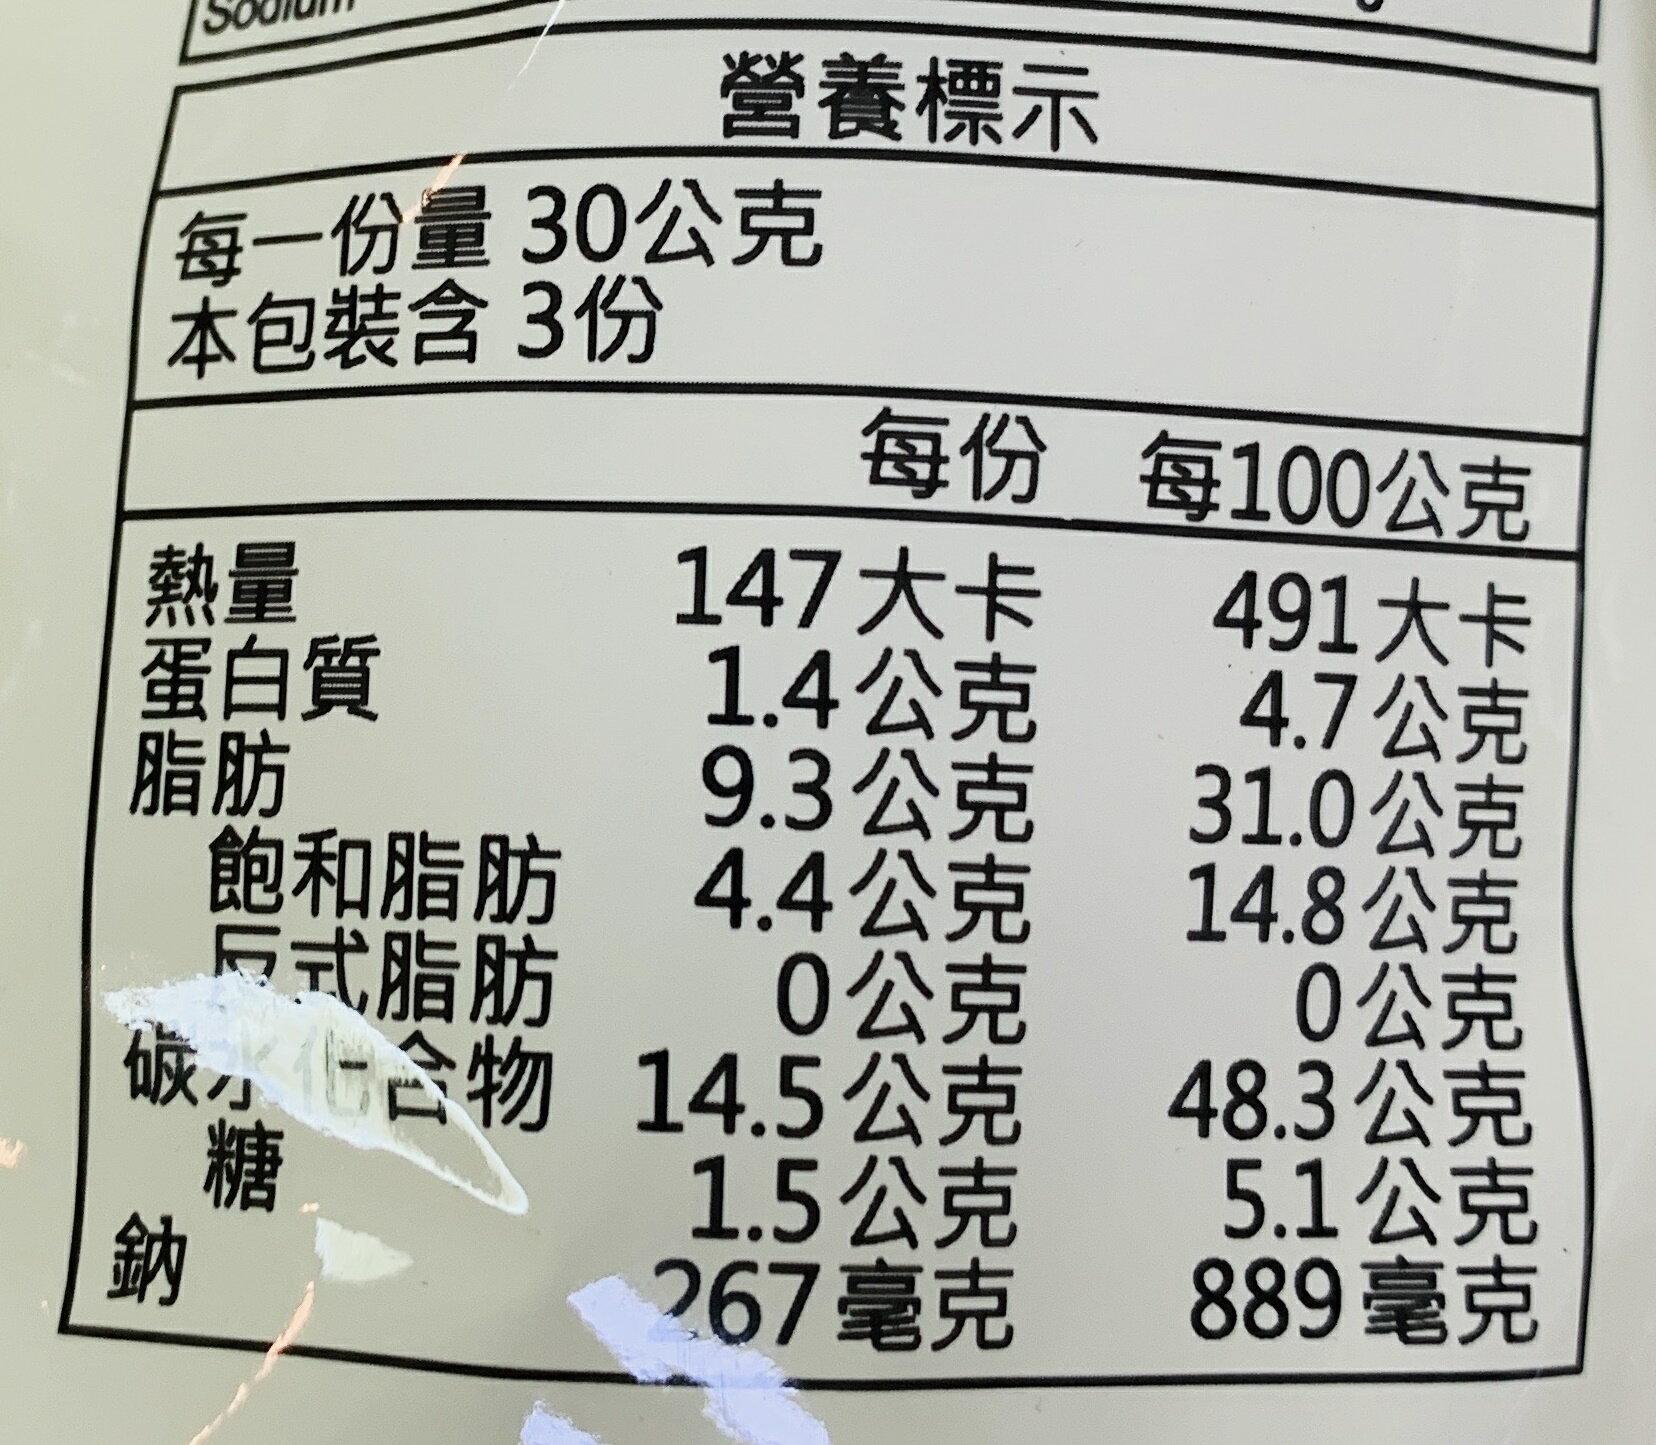 [SNACKS MAP零食地圖]九福  椒鹽 玉米捲 古早味 全素 玉米餅乾 古早味 懷舊零食 椒鹽玉米